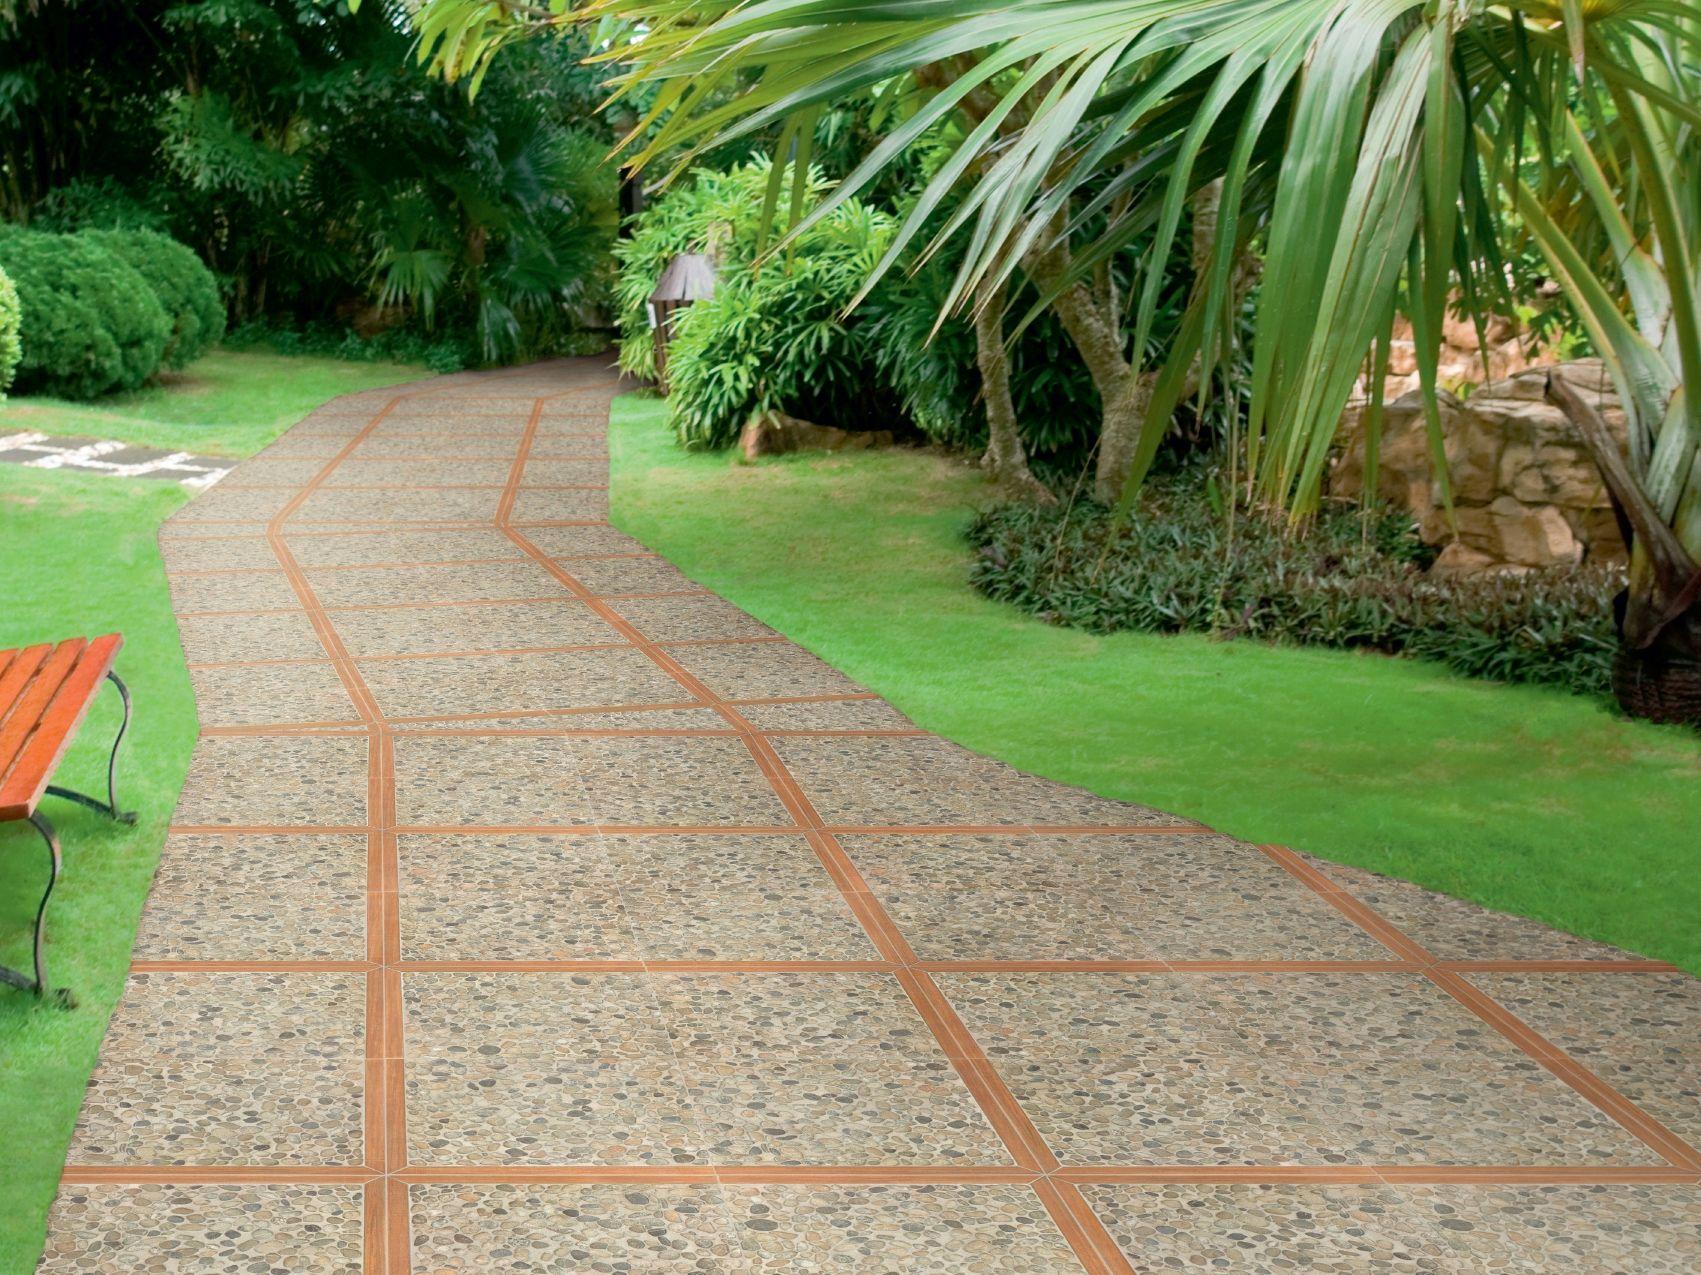 Outdoor Flooring Tiles easyplate outdoor floor tiles by onek Outdoor Floor Tiles Products Realonda Archiproducts